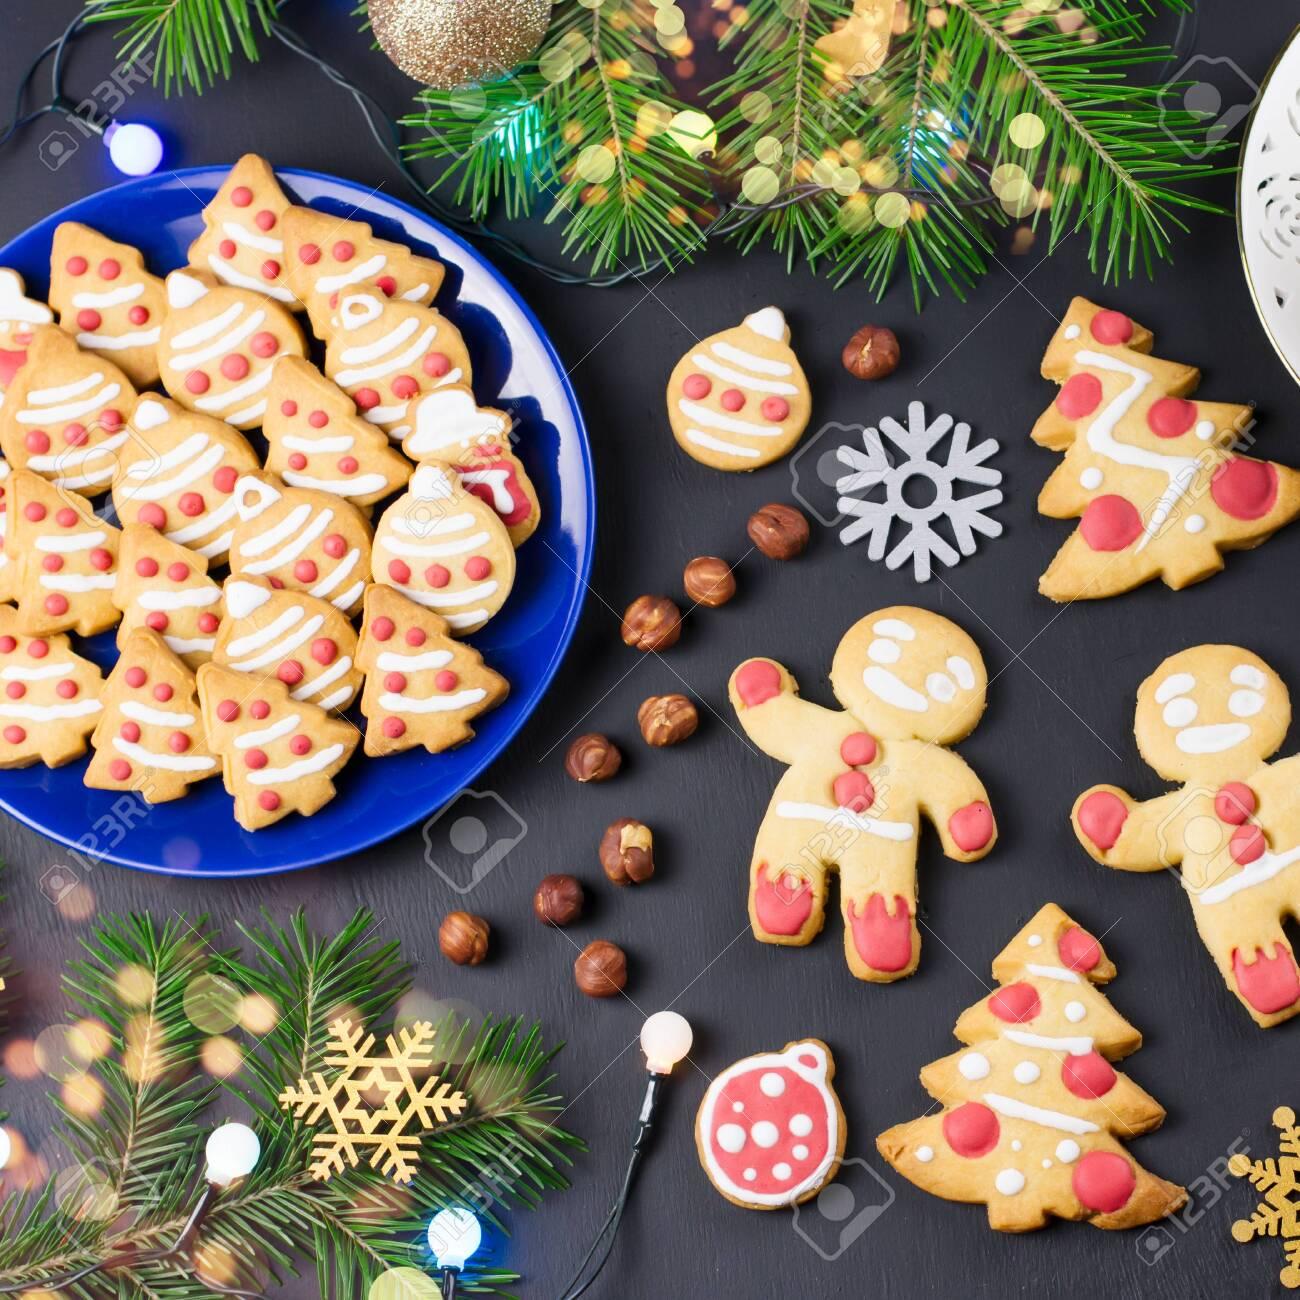 Tasty Christmas Cookies Christmas Tree Decorations On Black